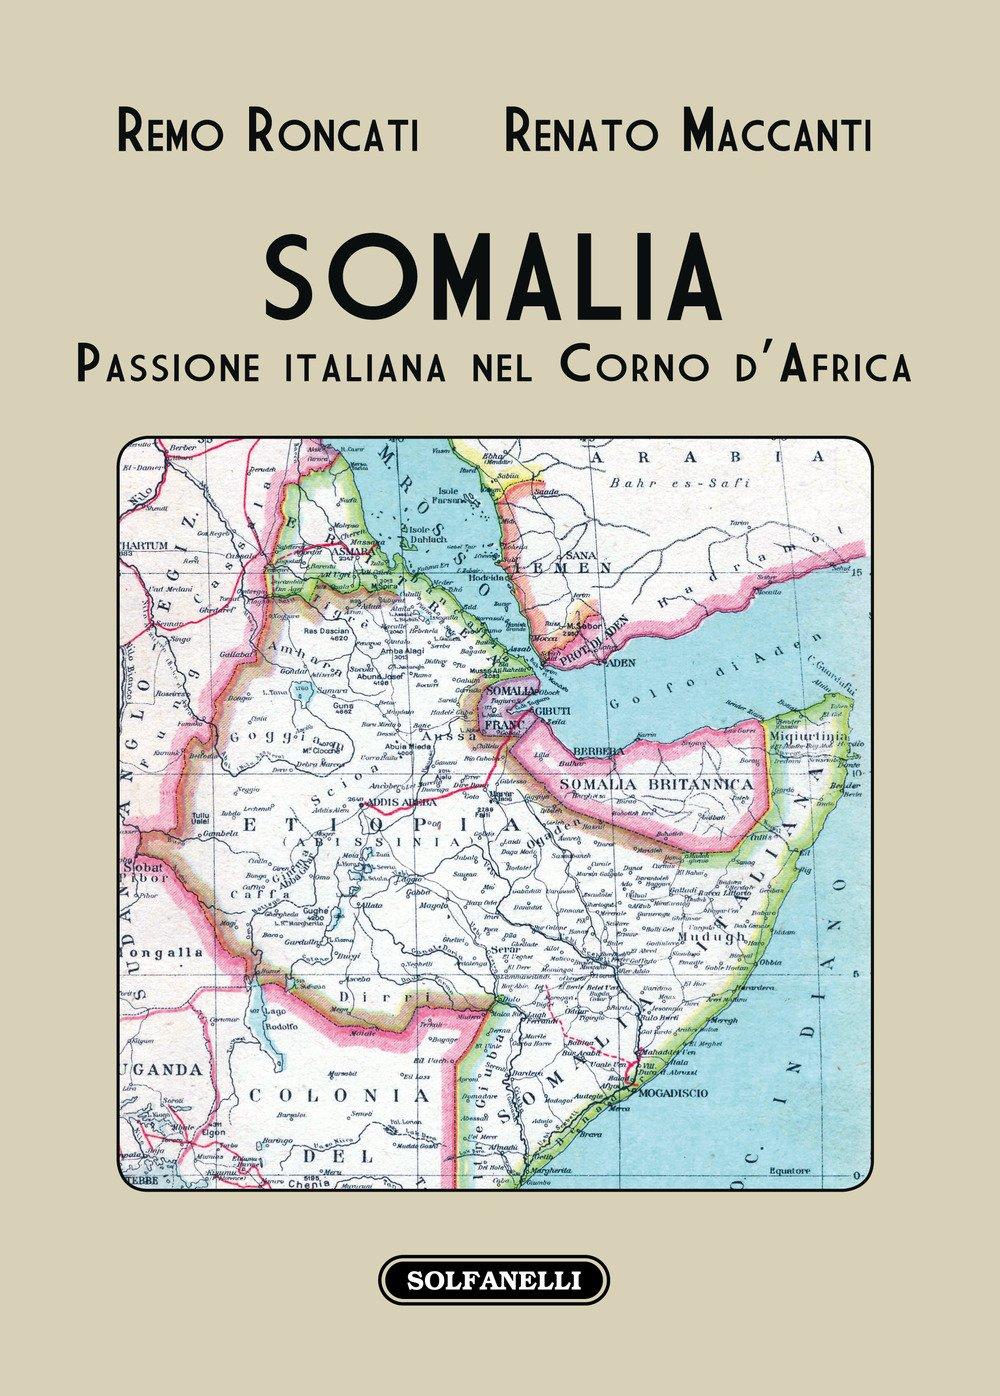 Somalia. Passione italiana nel Corno d'Africa